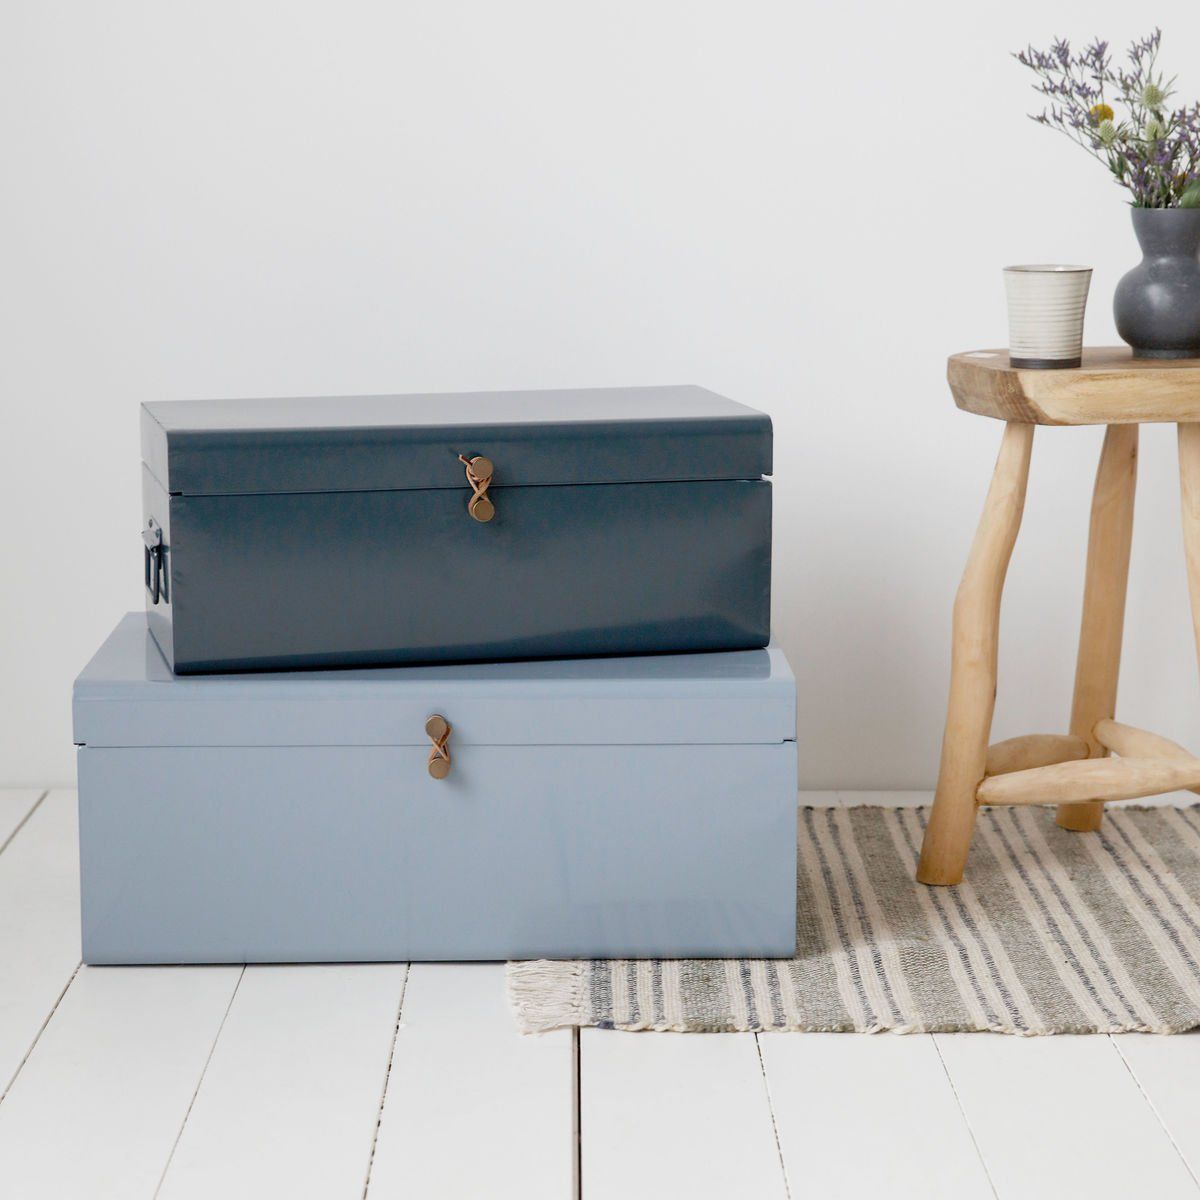 Frisk frugt opbevaring legetøj stue | Inspiration - stue | Storage trunk ZF11